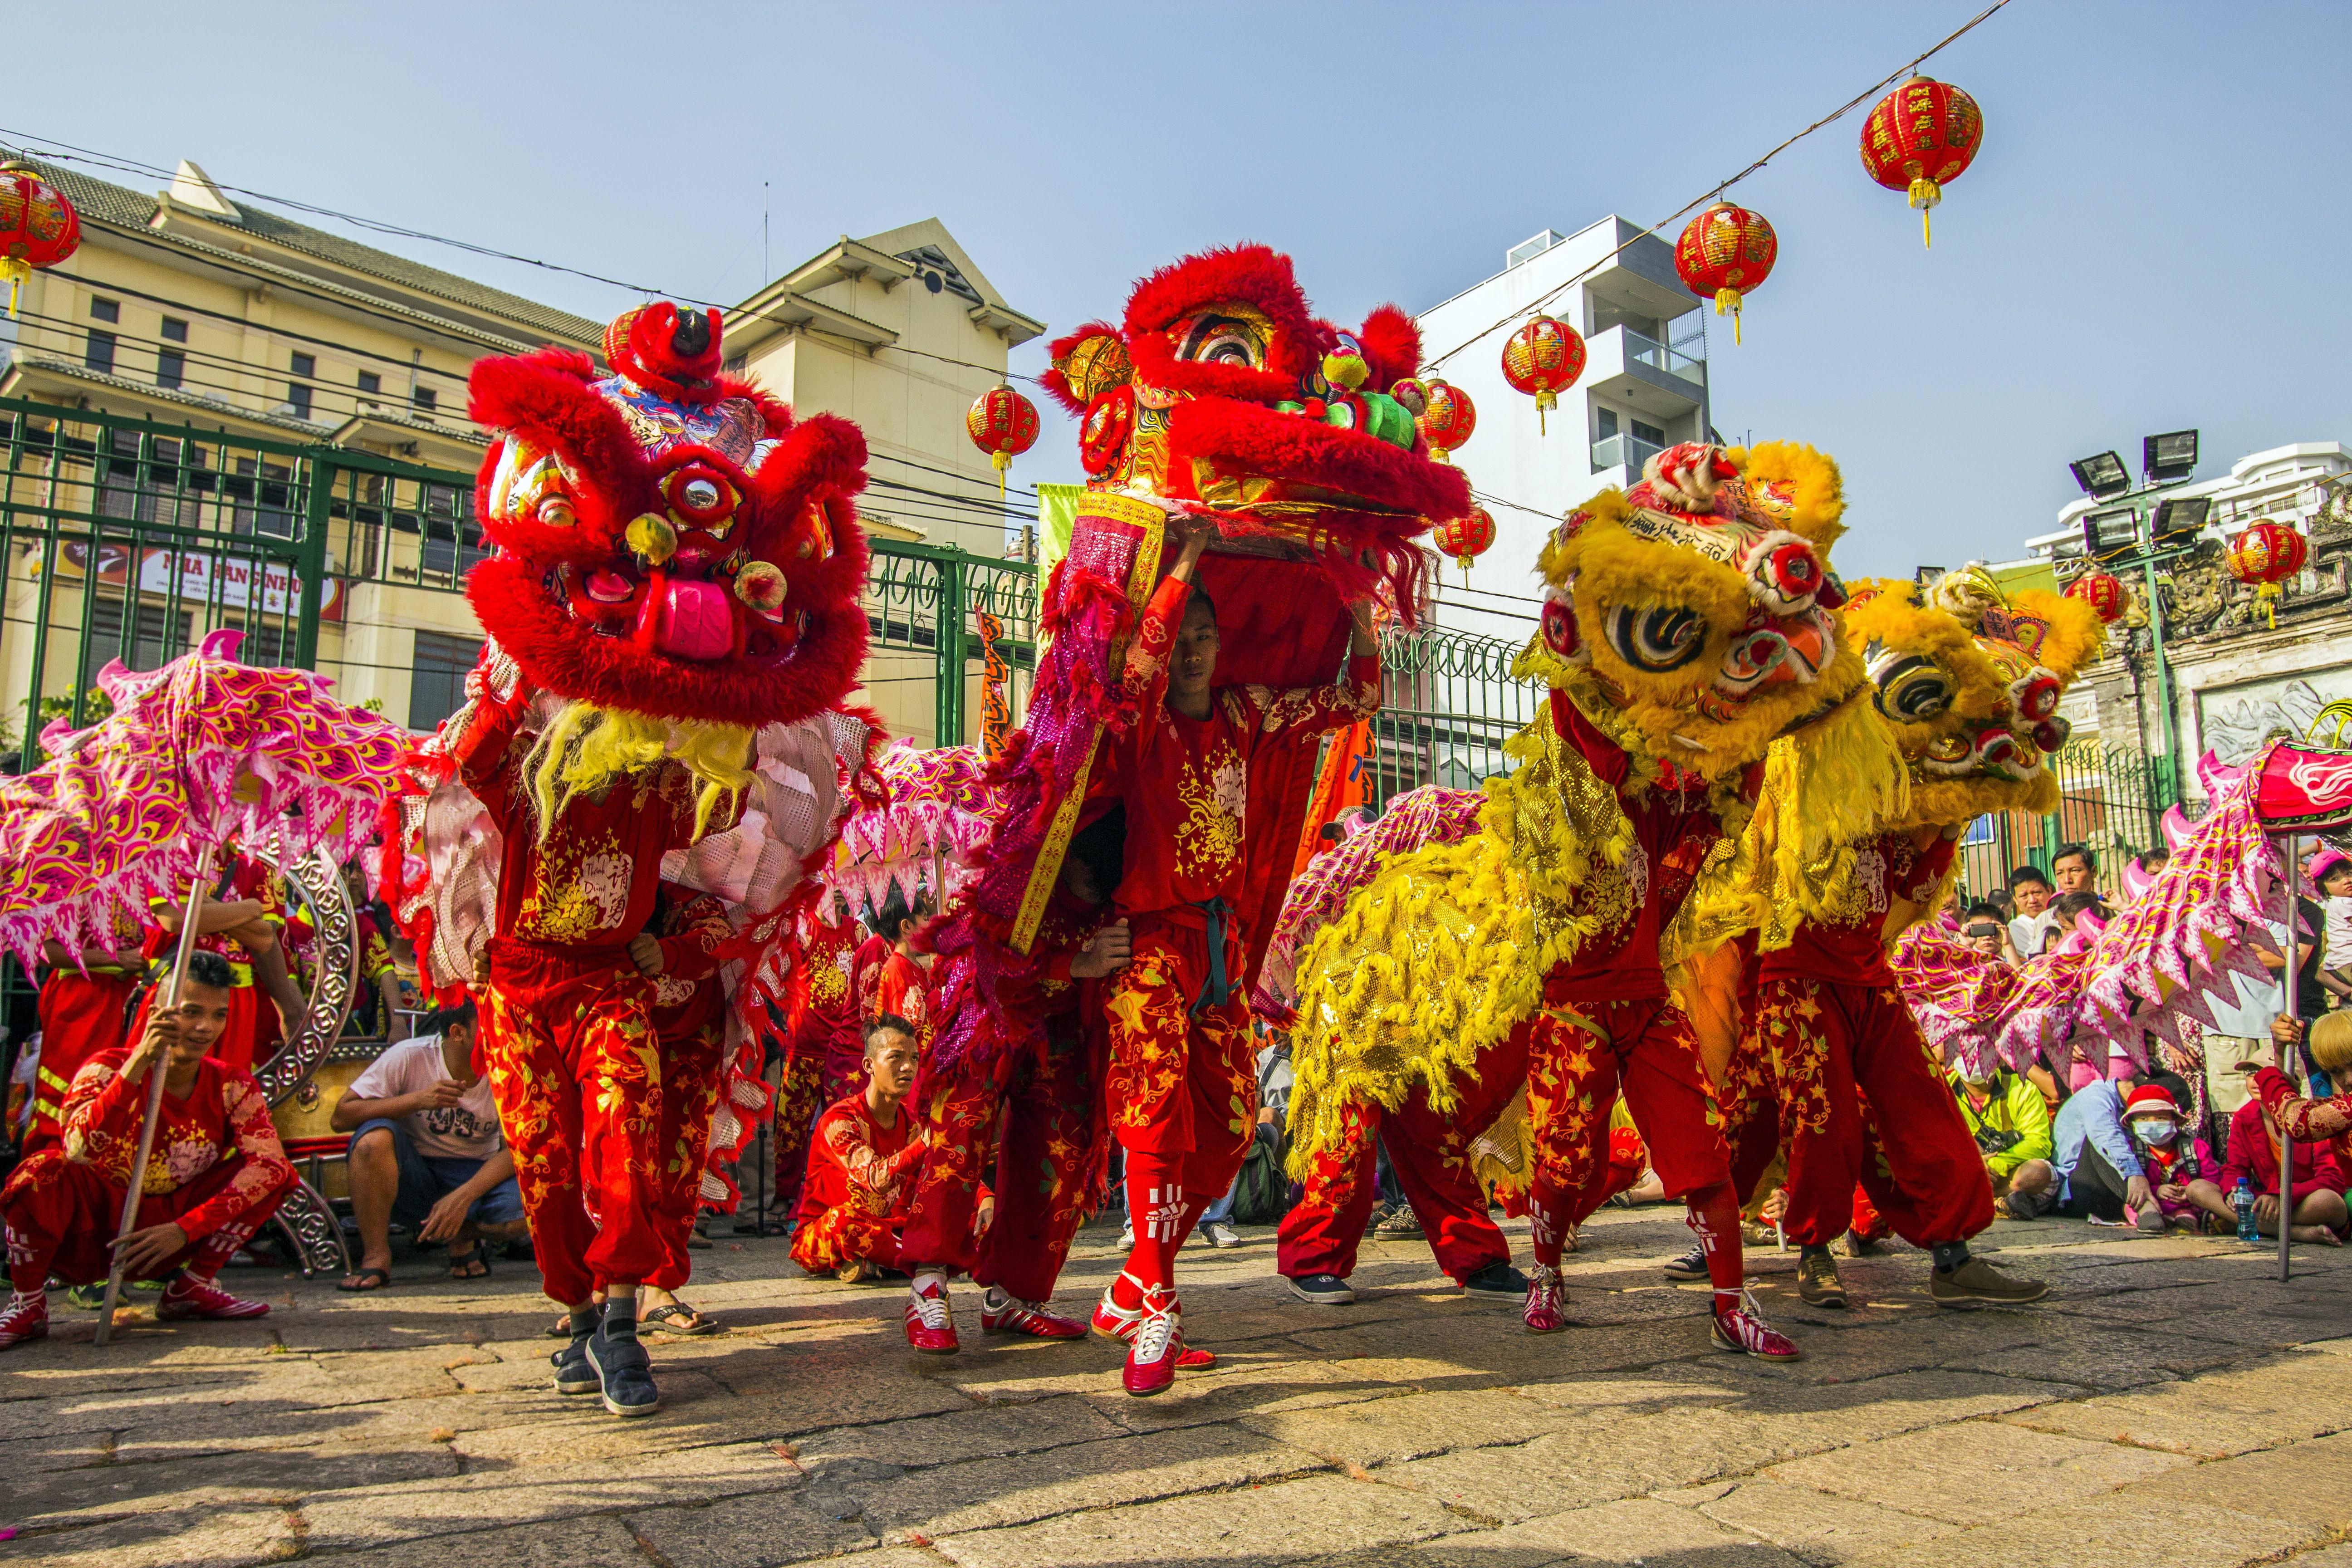 Tet Vietnam - Chinese New Year